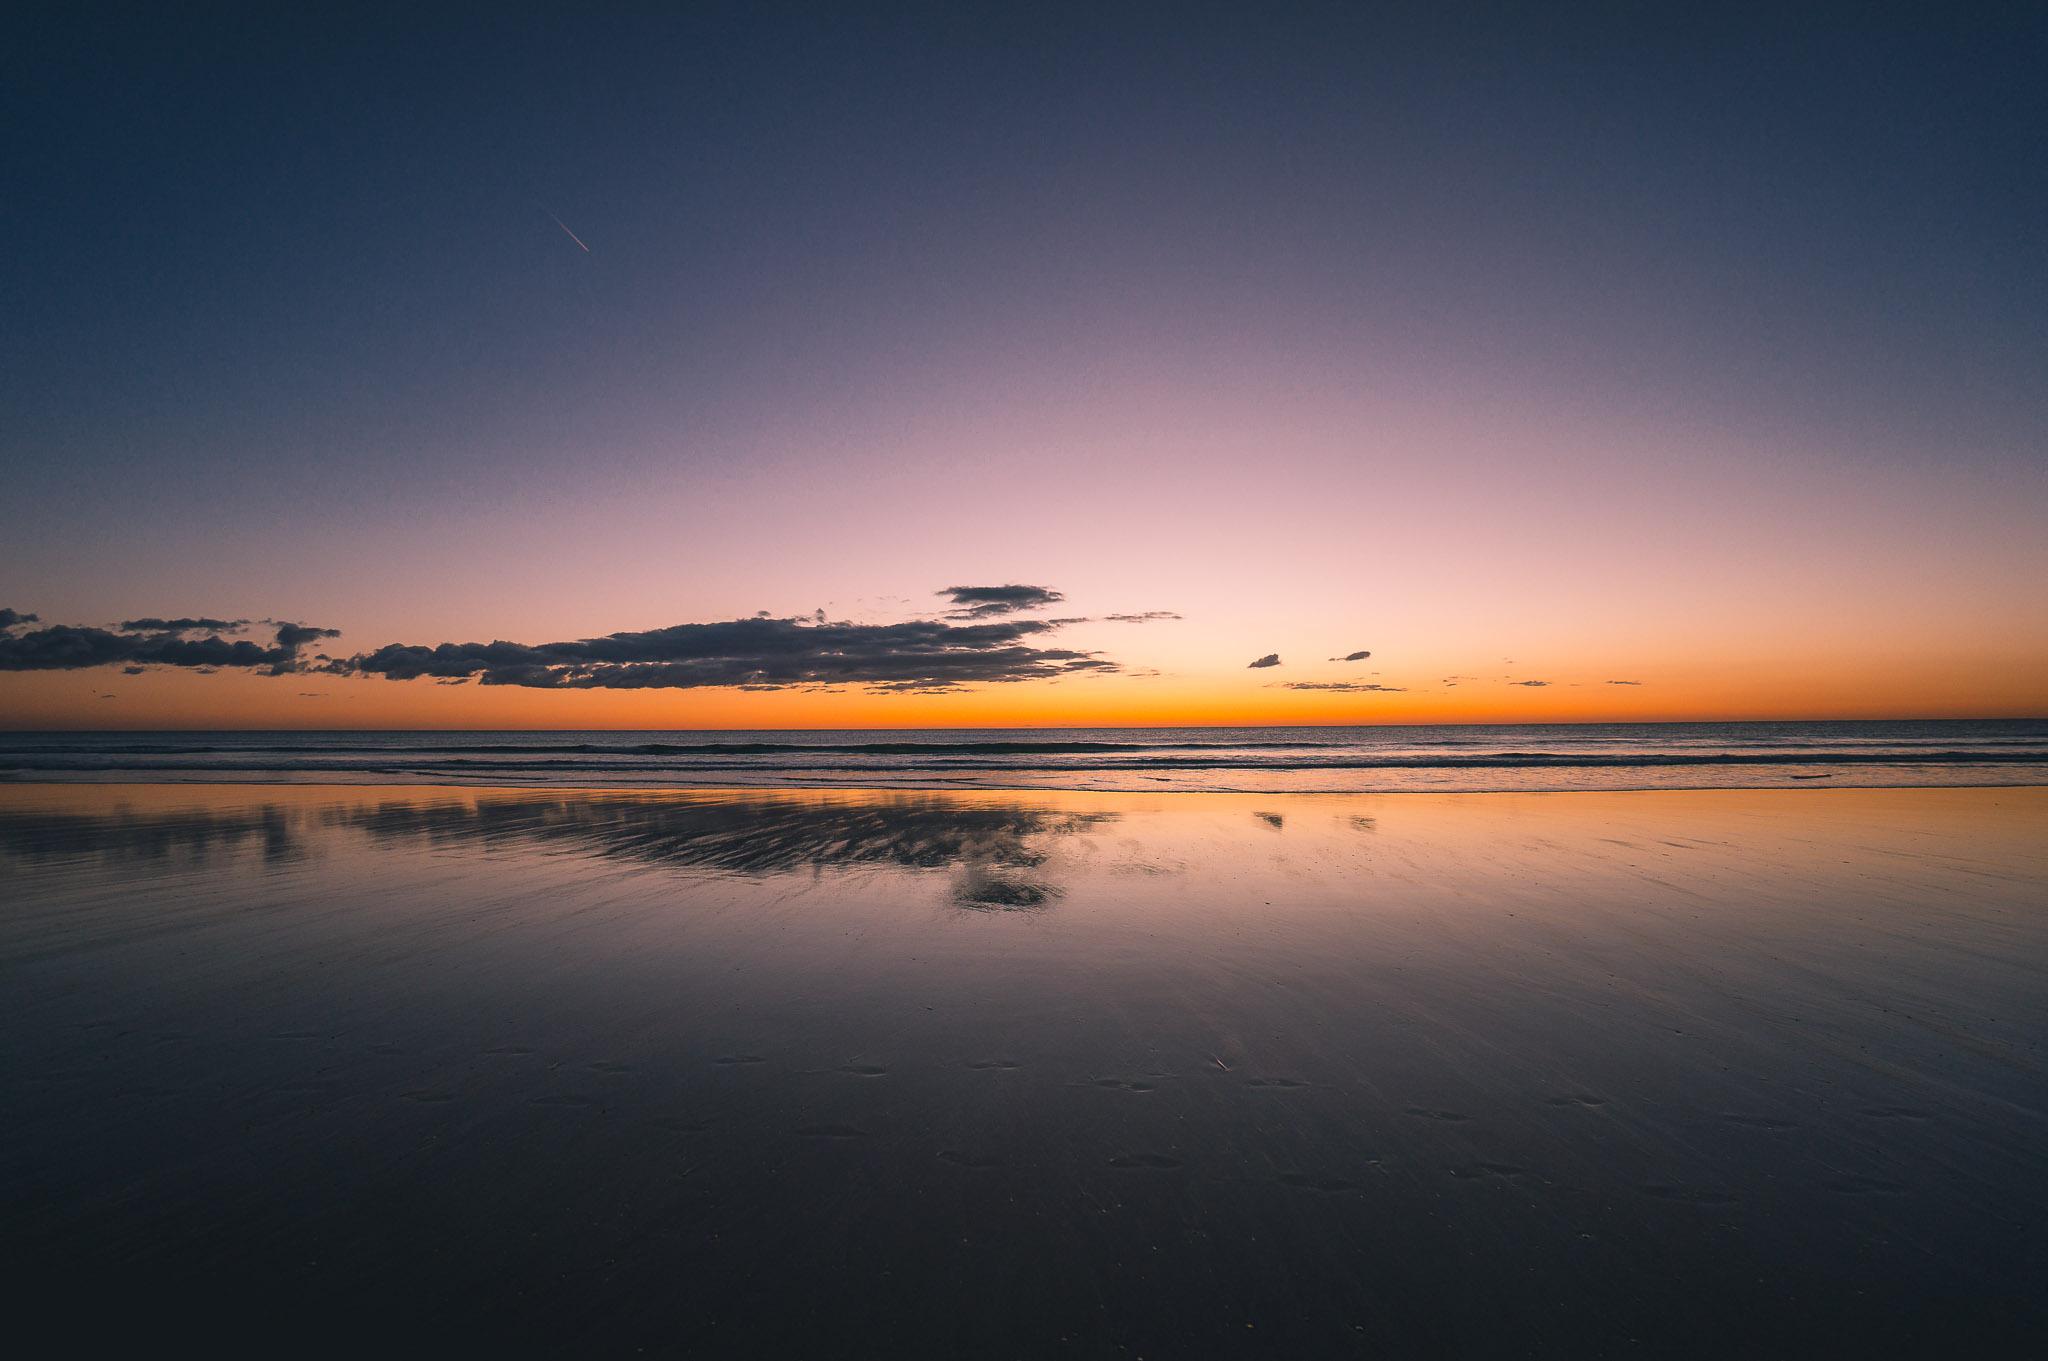 La playa Conil de la Frontera, Andalucía, España